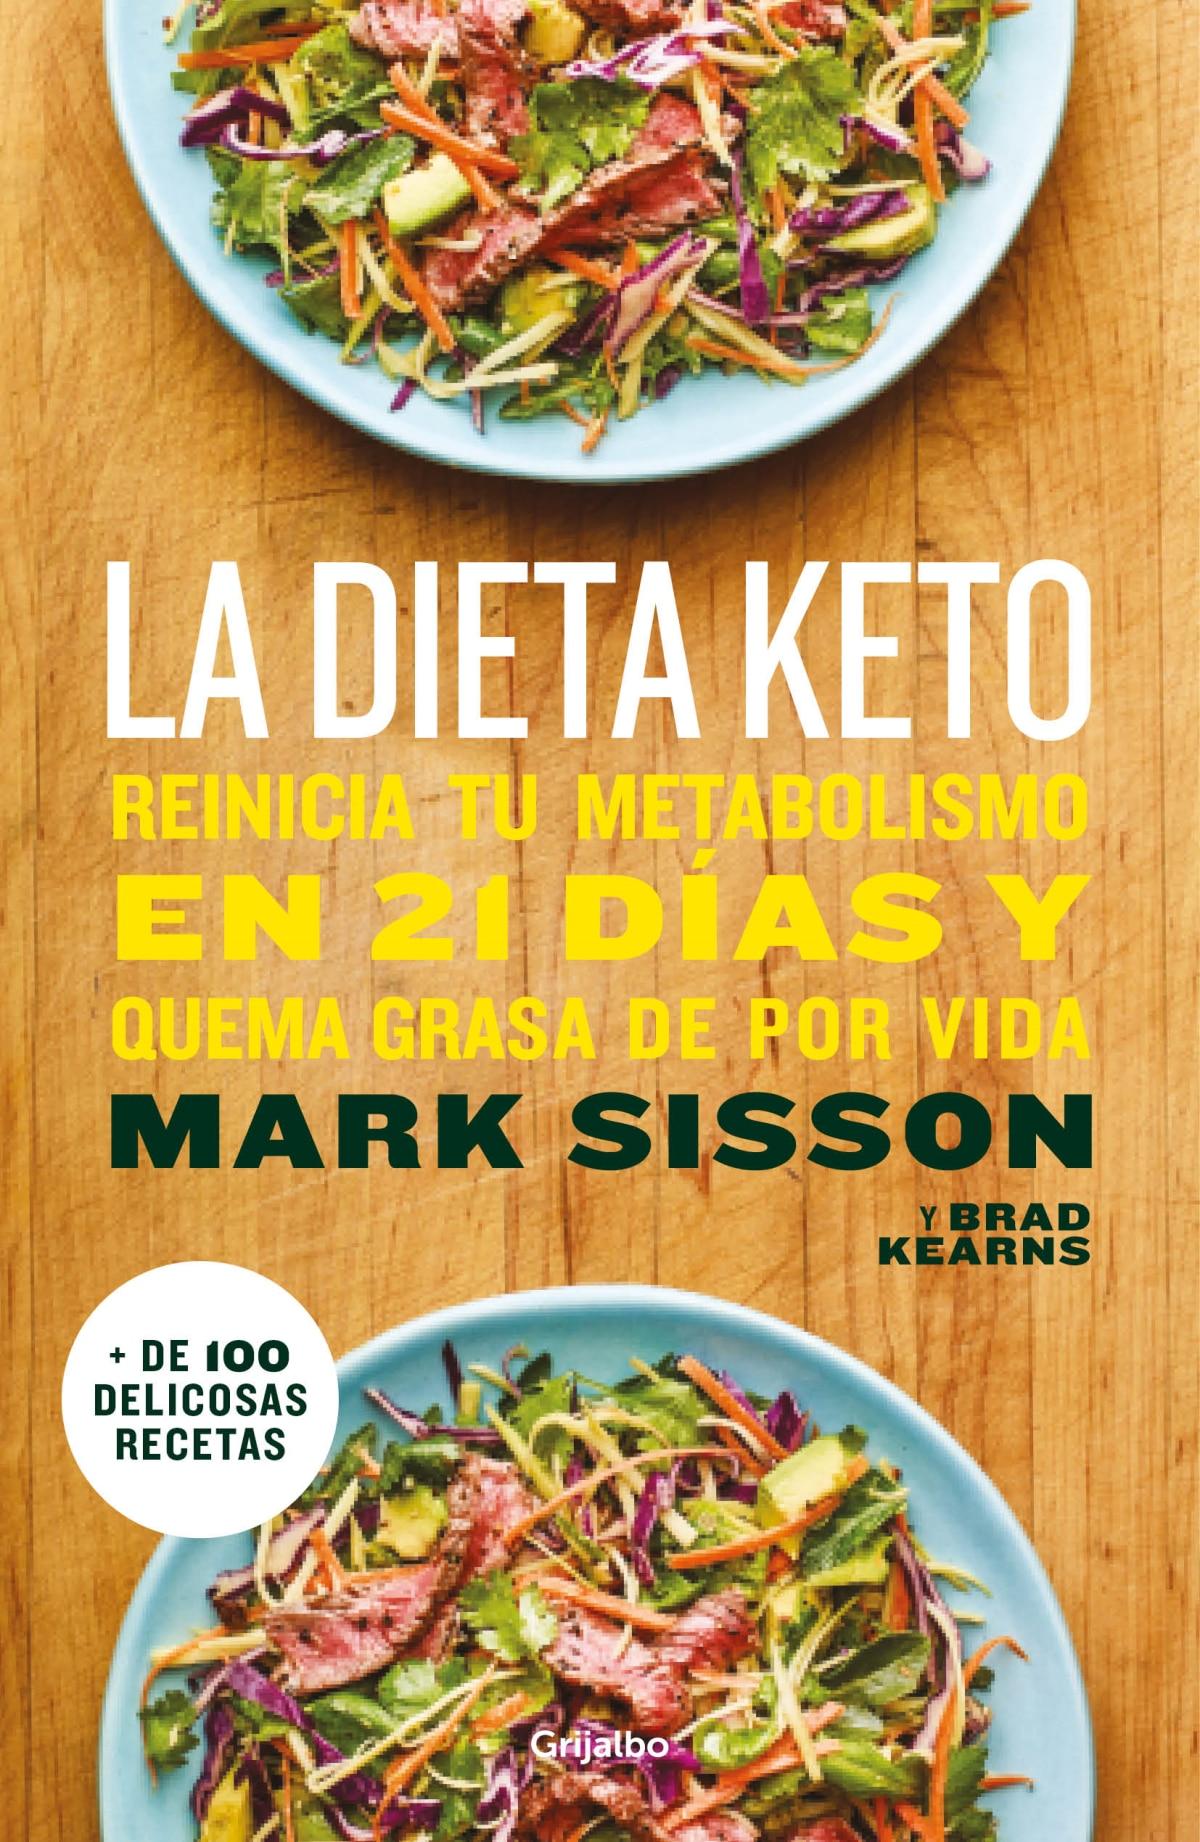 libros de recetas saludables gratis pdf